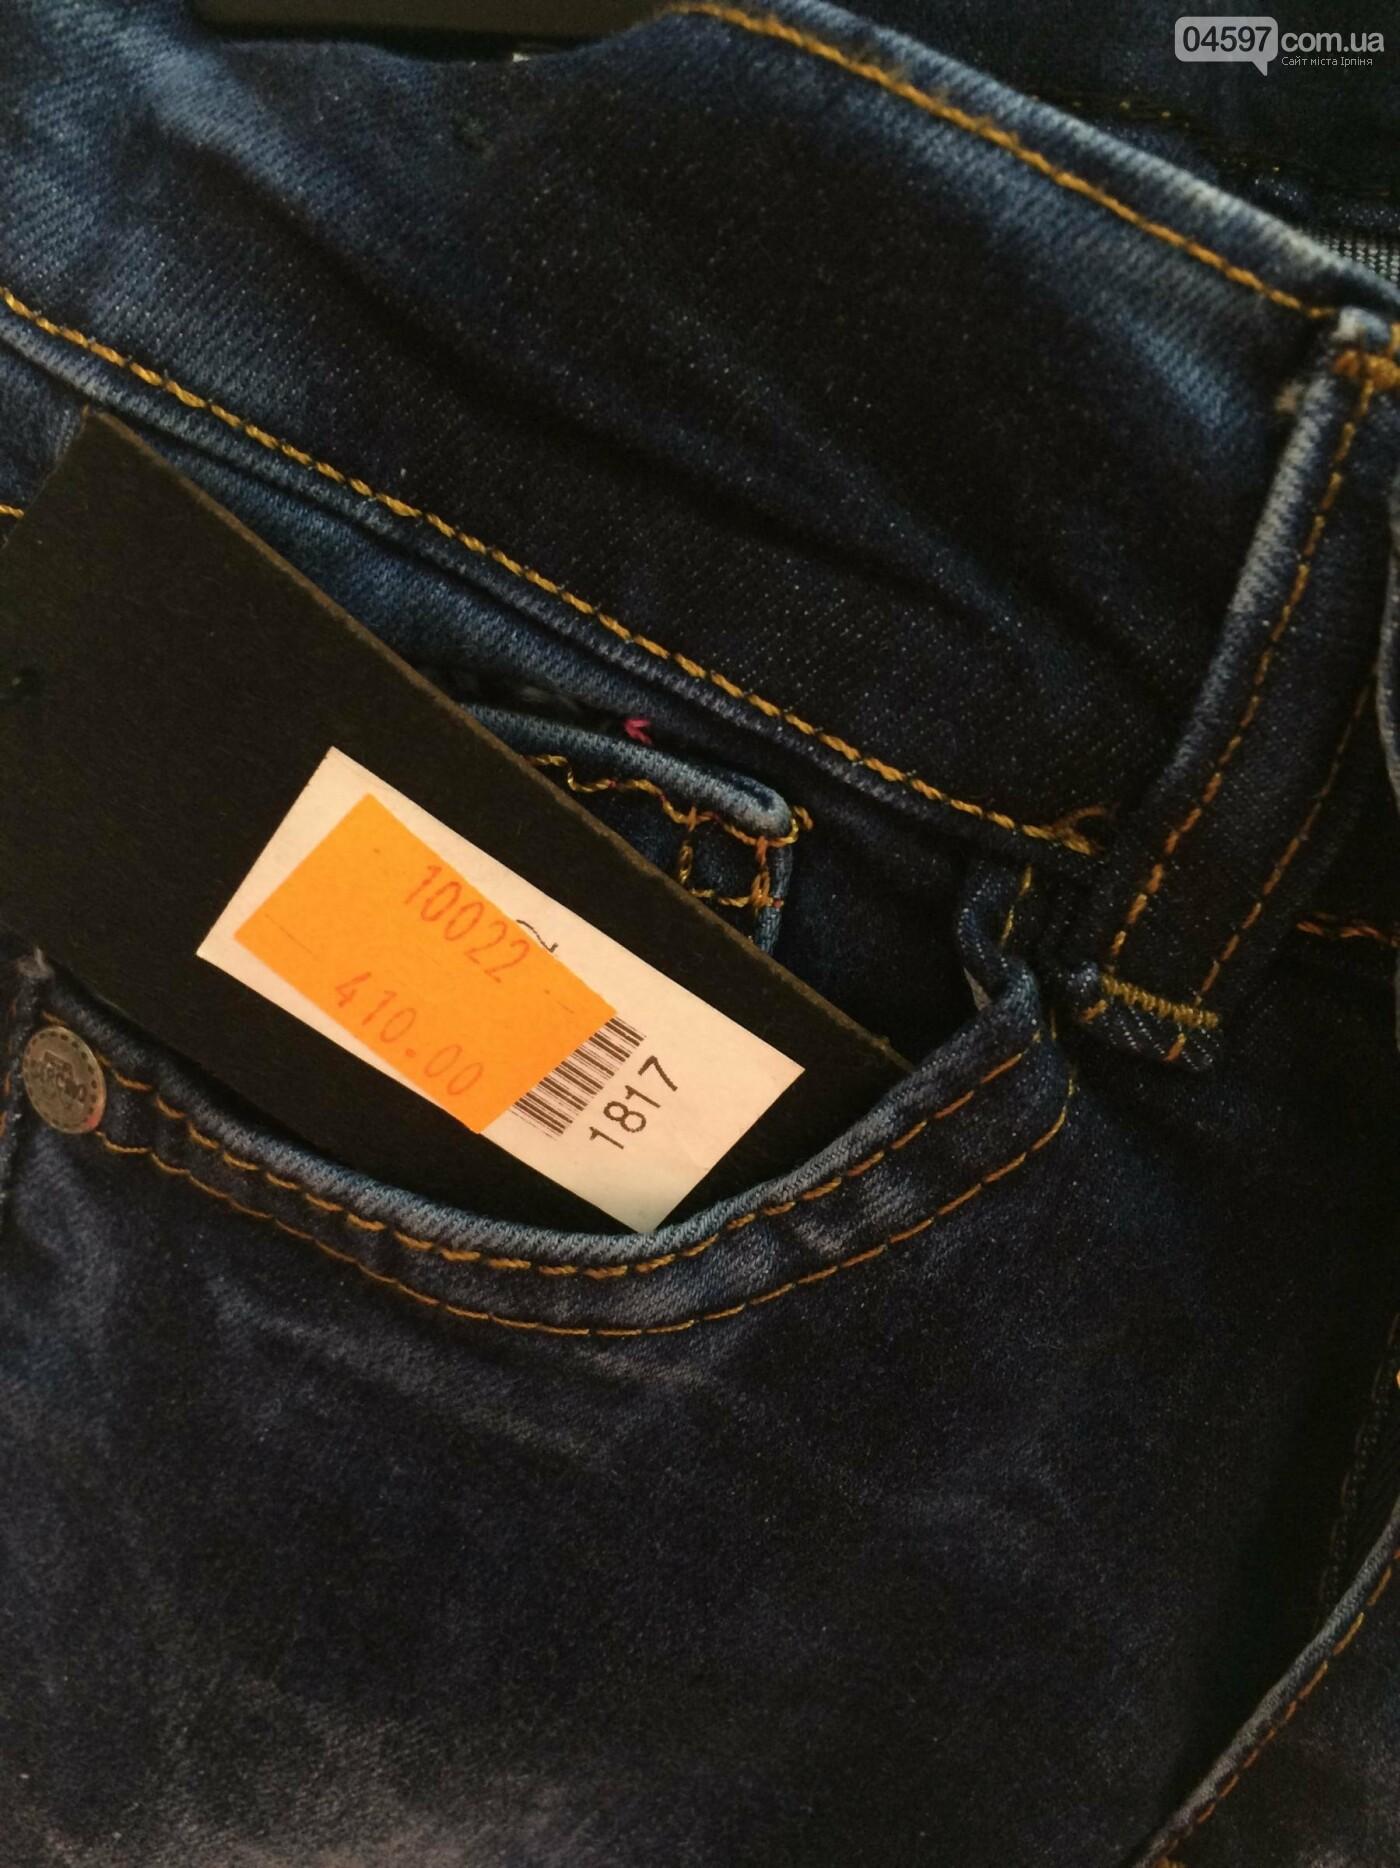 Де купити дитячий одяг в Ірпені: асортимент та ціни, фото-33